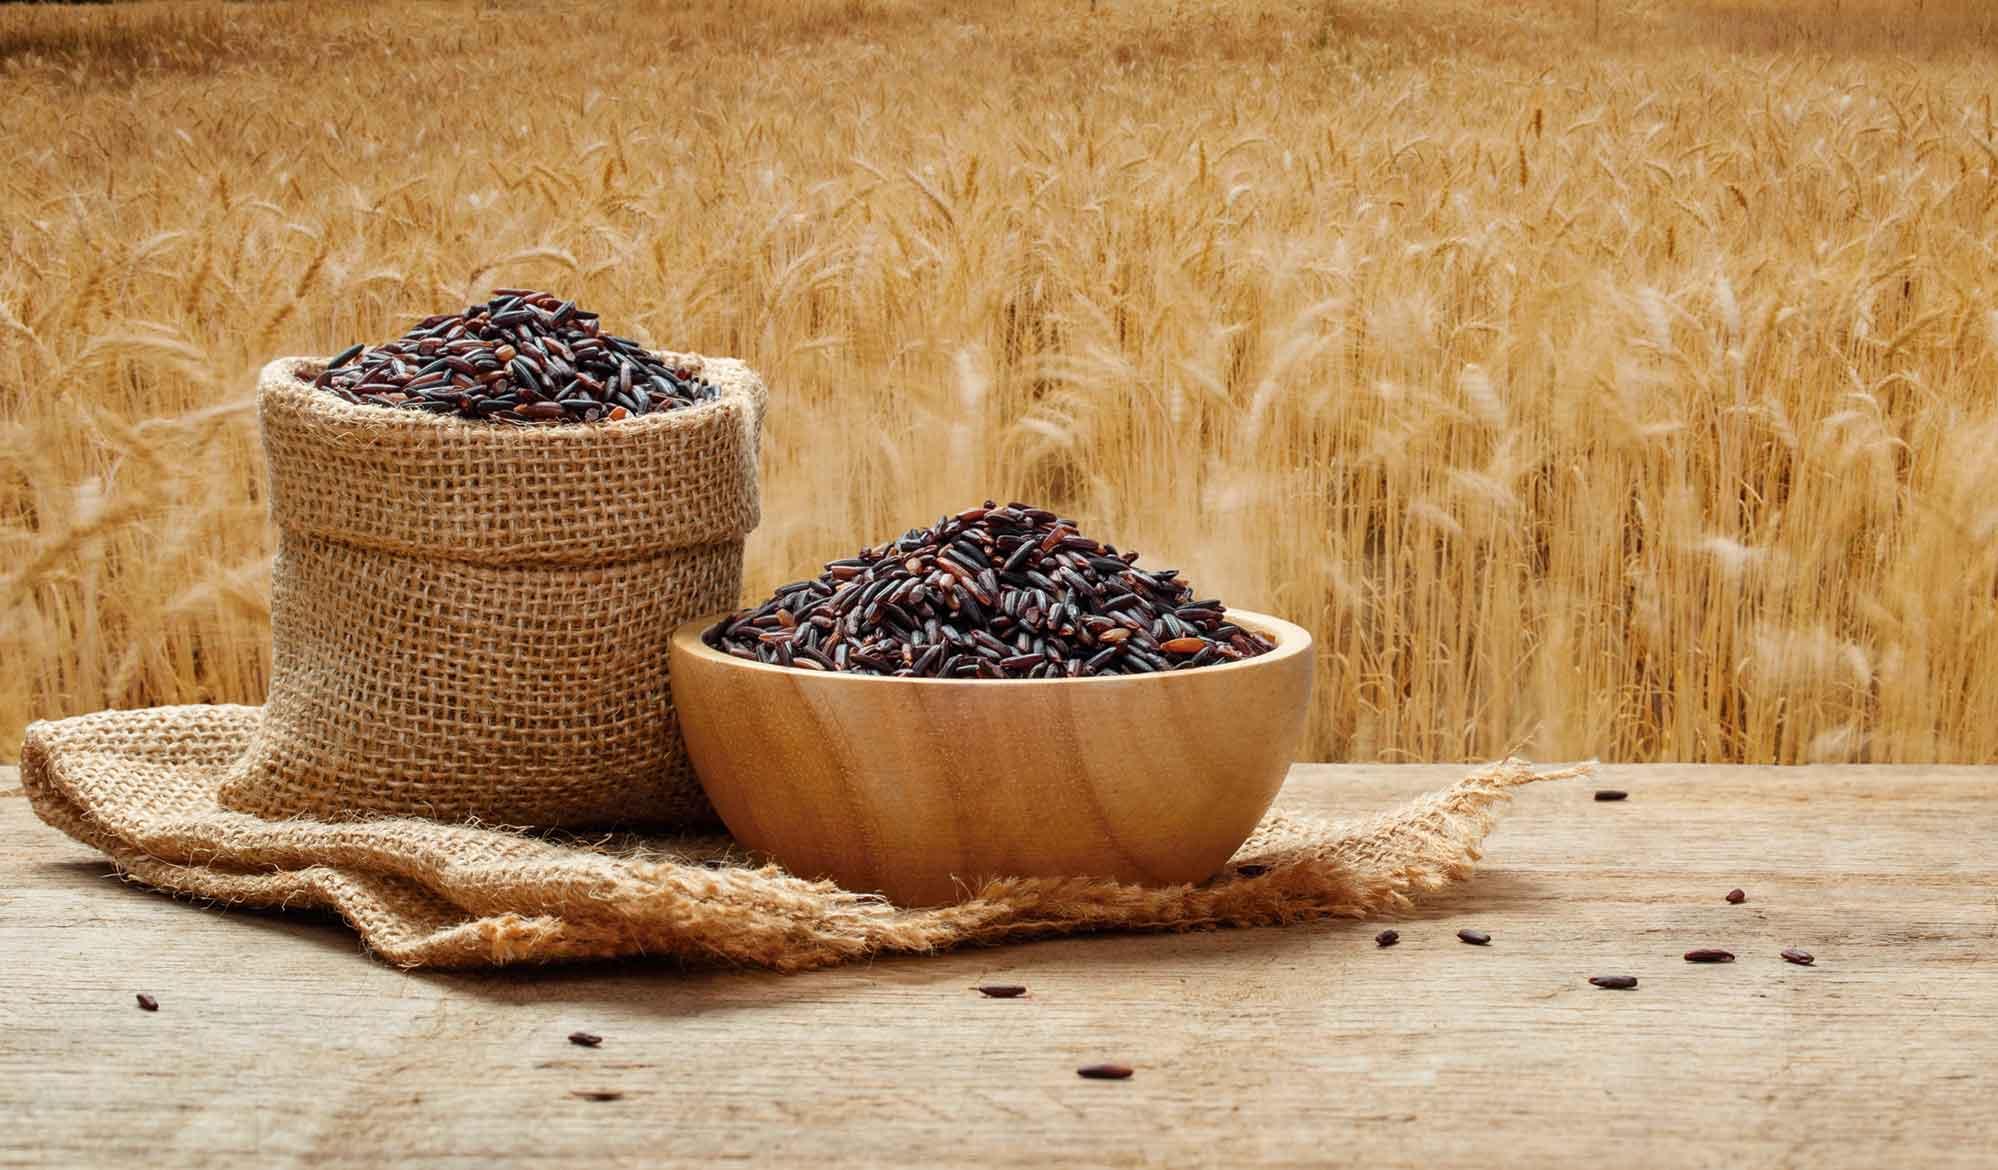 Mantiqueira-Aromas-e-Sabores-Arroz-Negro-bx